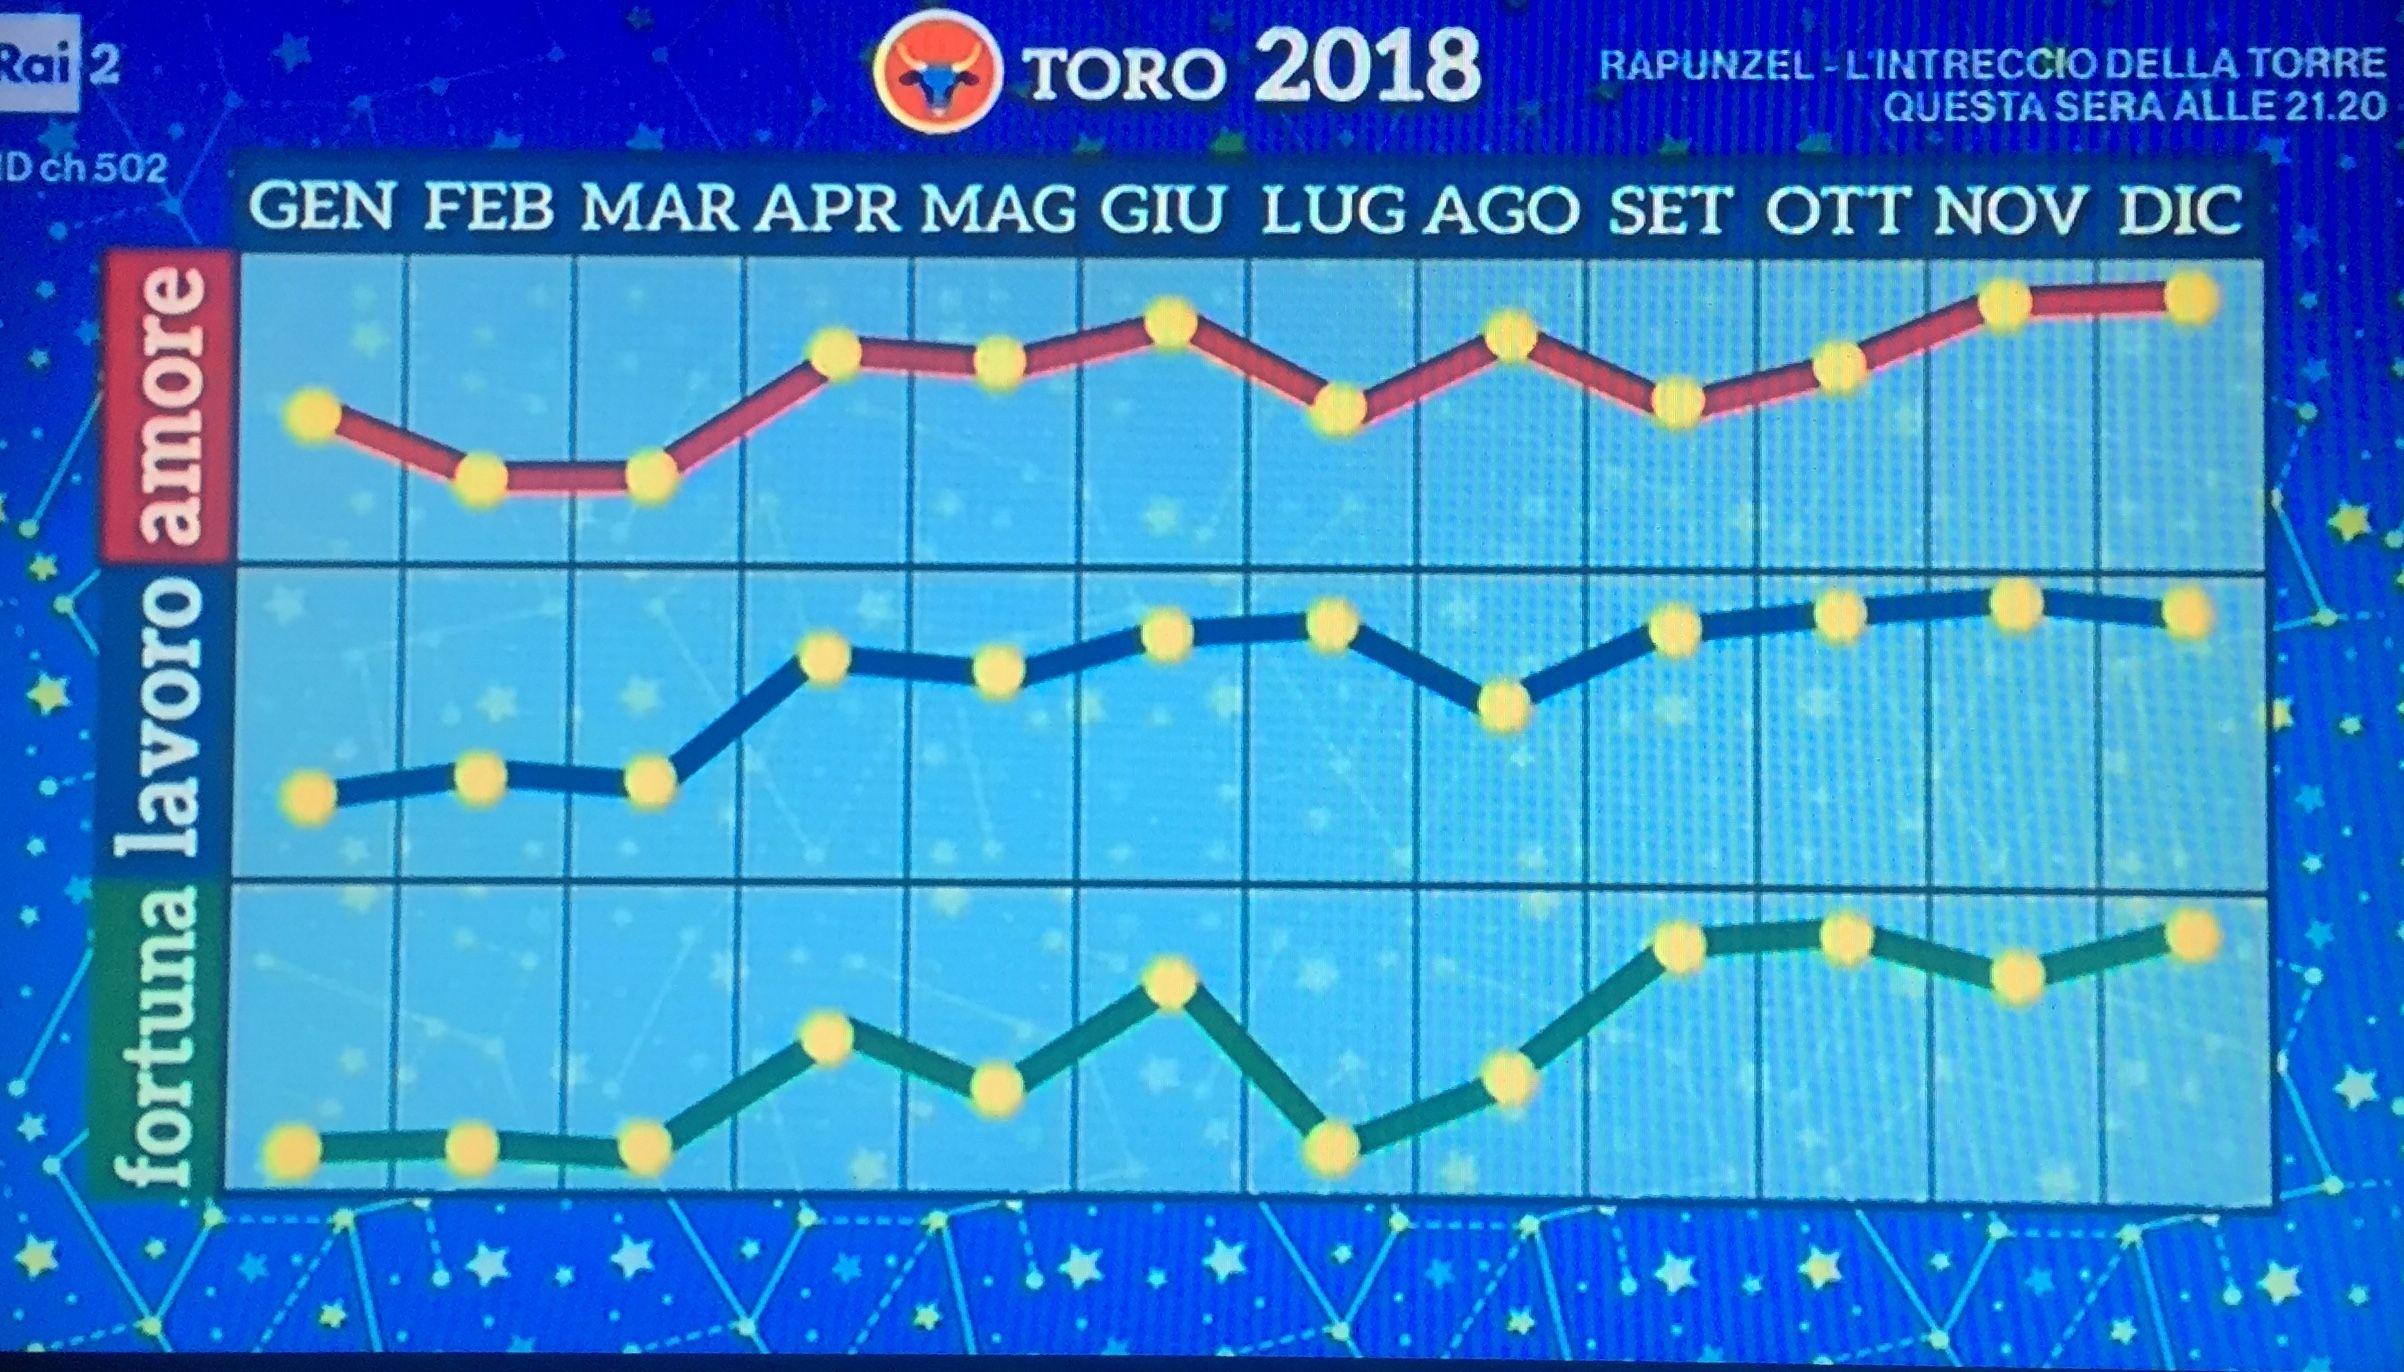 OROSCOPO 2018 di Paolo Fox: MESE PER MESE, SEGNO PER SEGNO